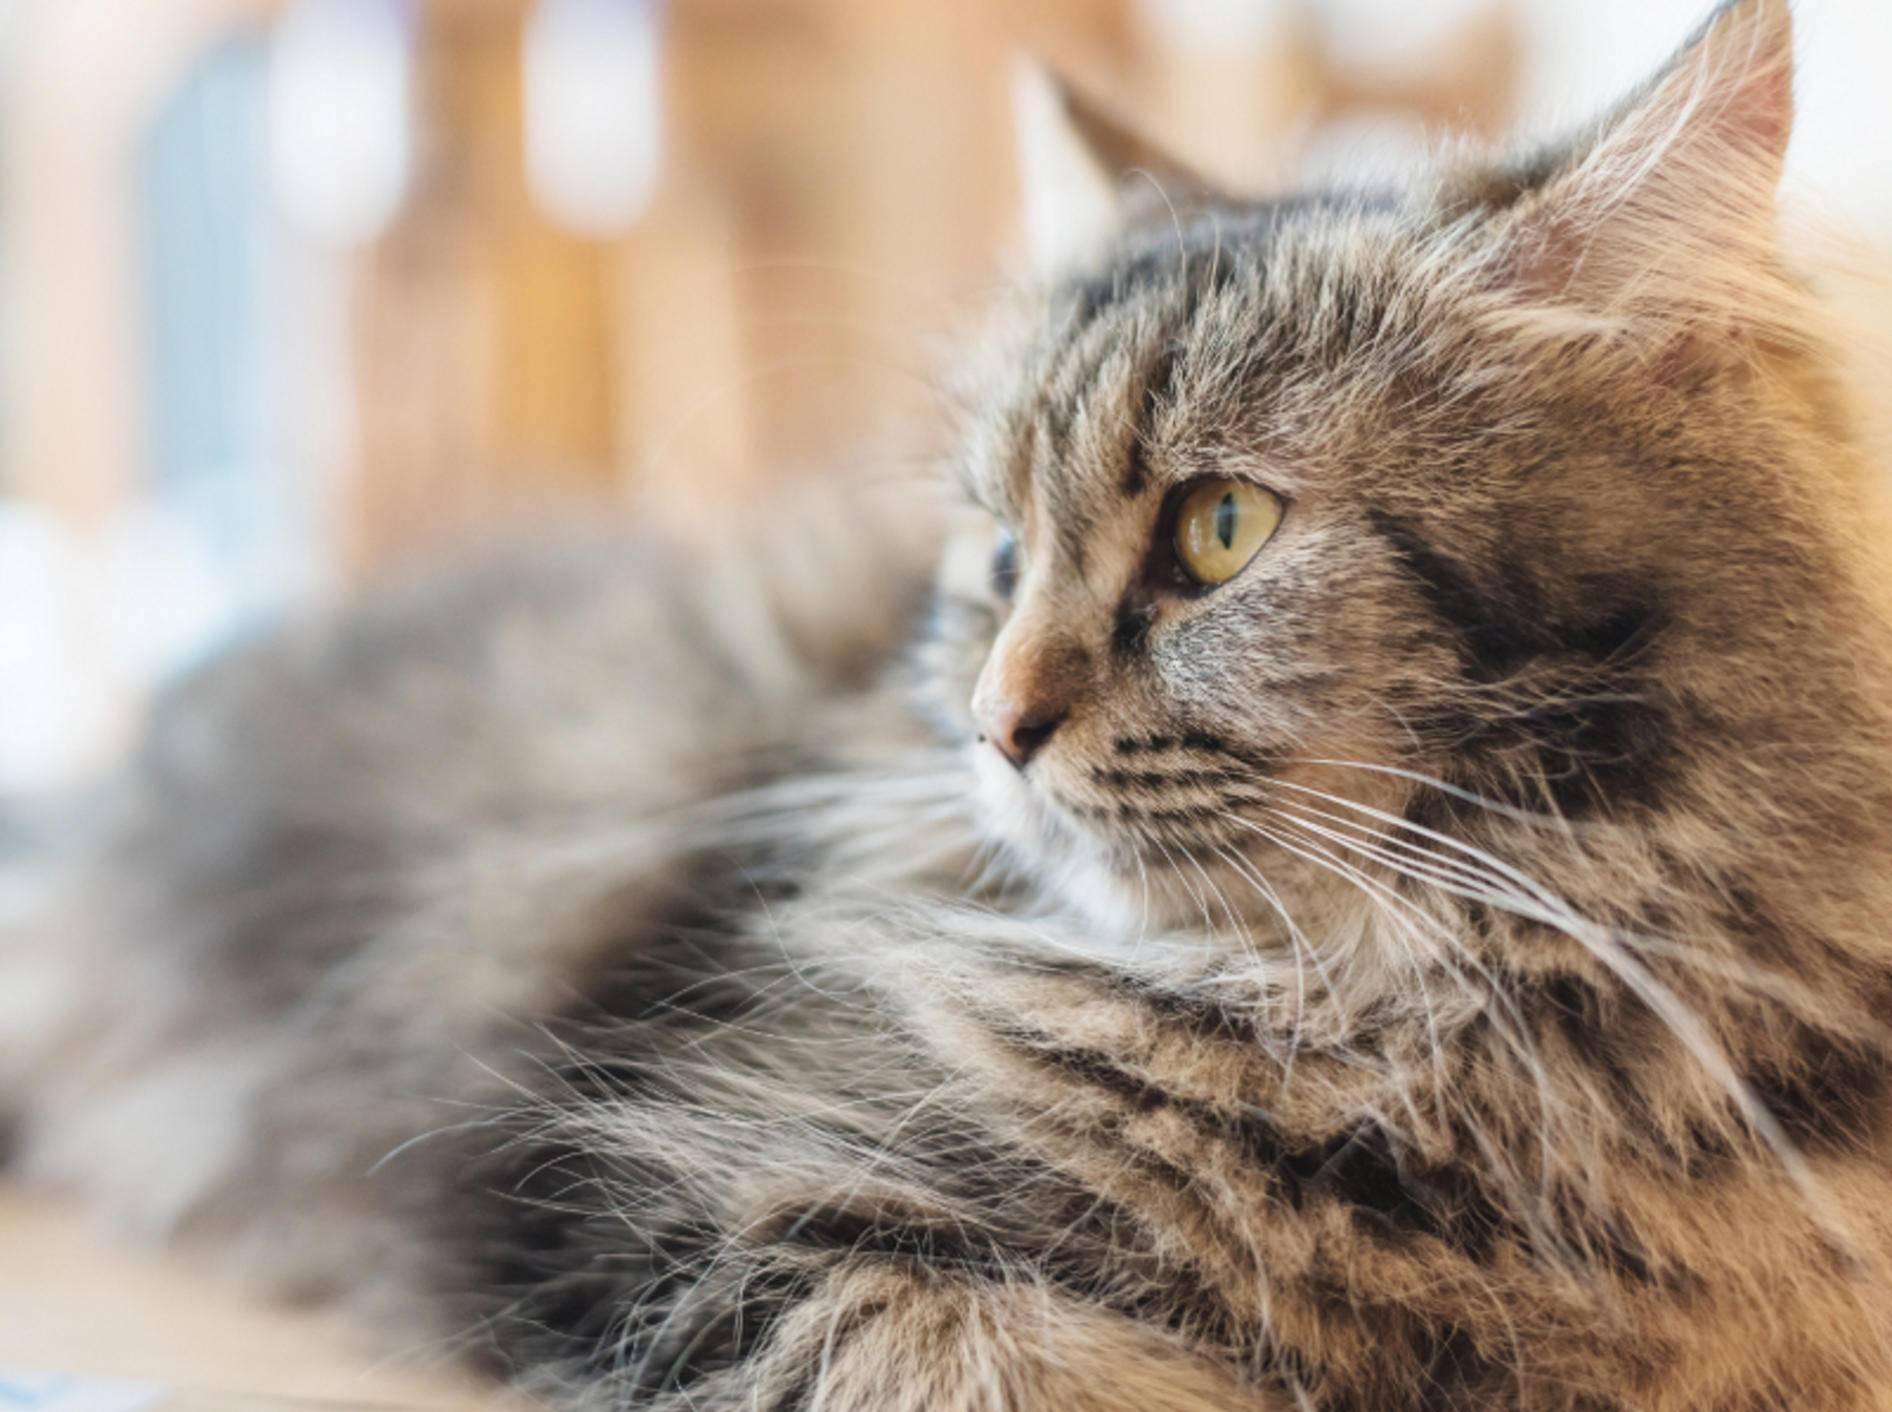 Die Schnurrhaare sind für fast alle Katzenartigen enorm wichtig, da sie zum Tastsinn gehören und Felinen ein Bild ihrer Umwelt vermitteln – Shutterstock / Tarbell Studio Photo